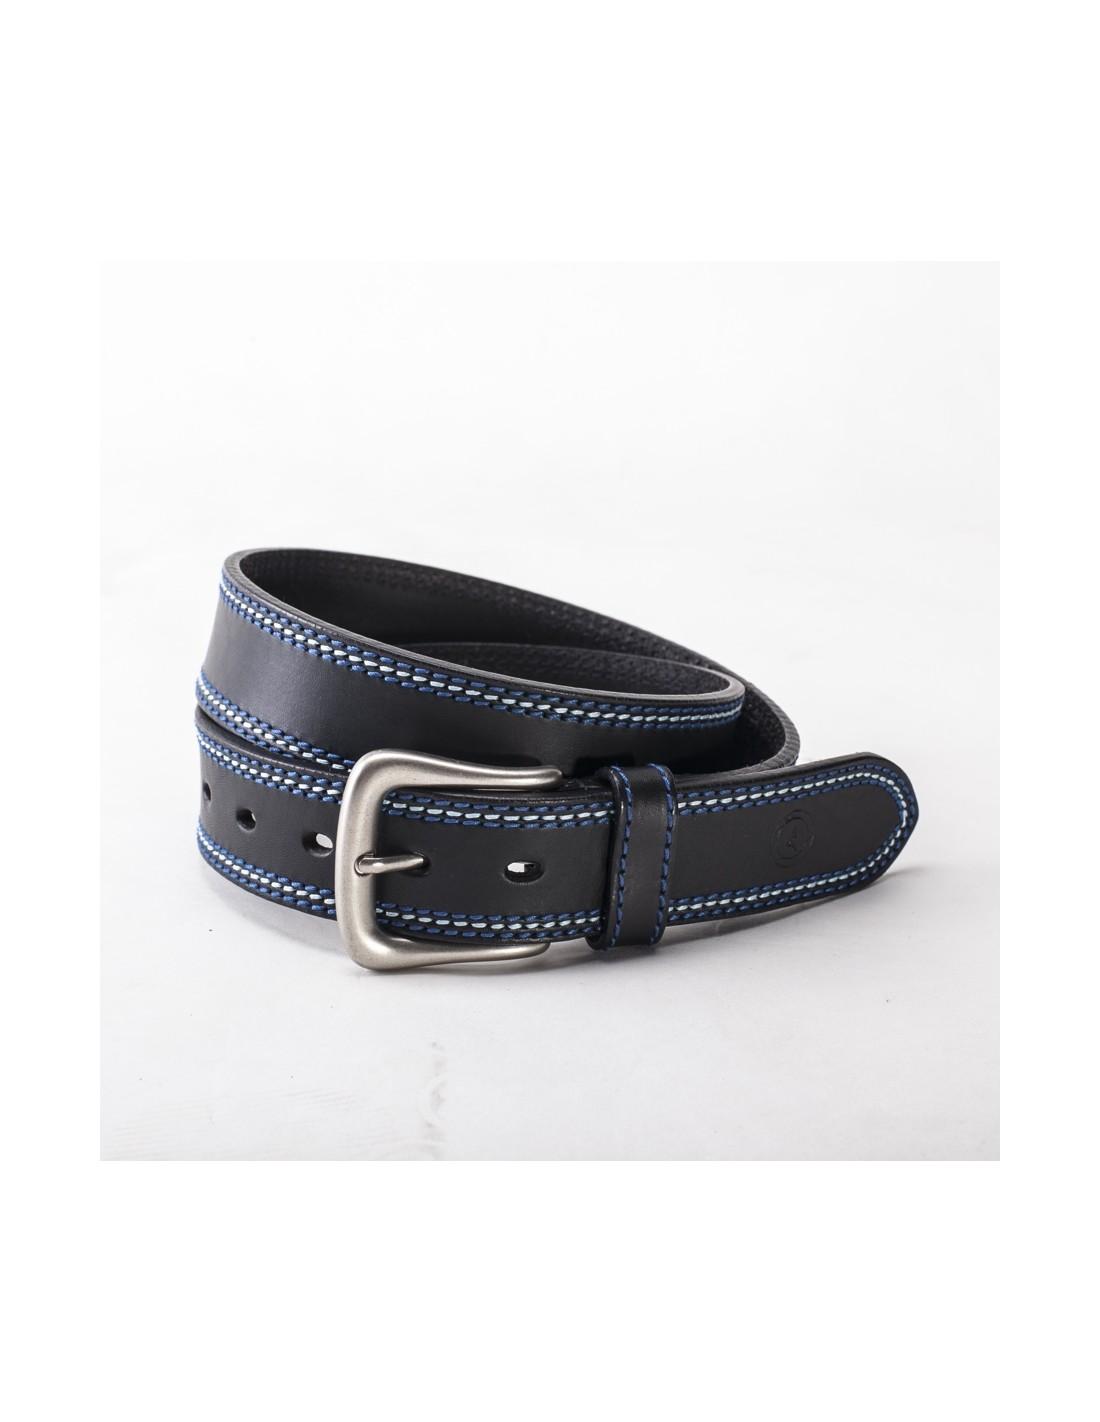 e25e42d6015 Cinturón cuero negro pespunte hilo azul celeste azul artesanal